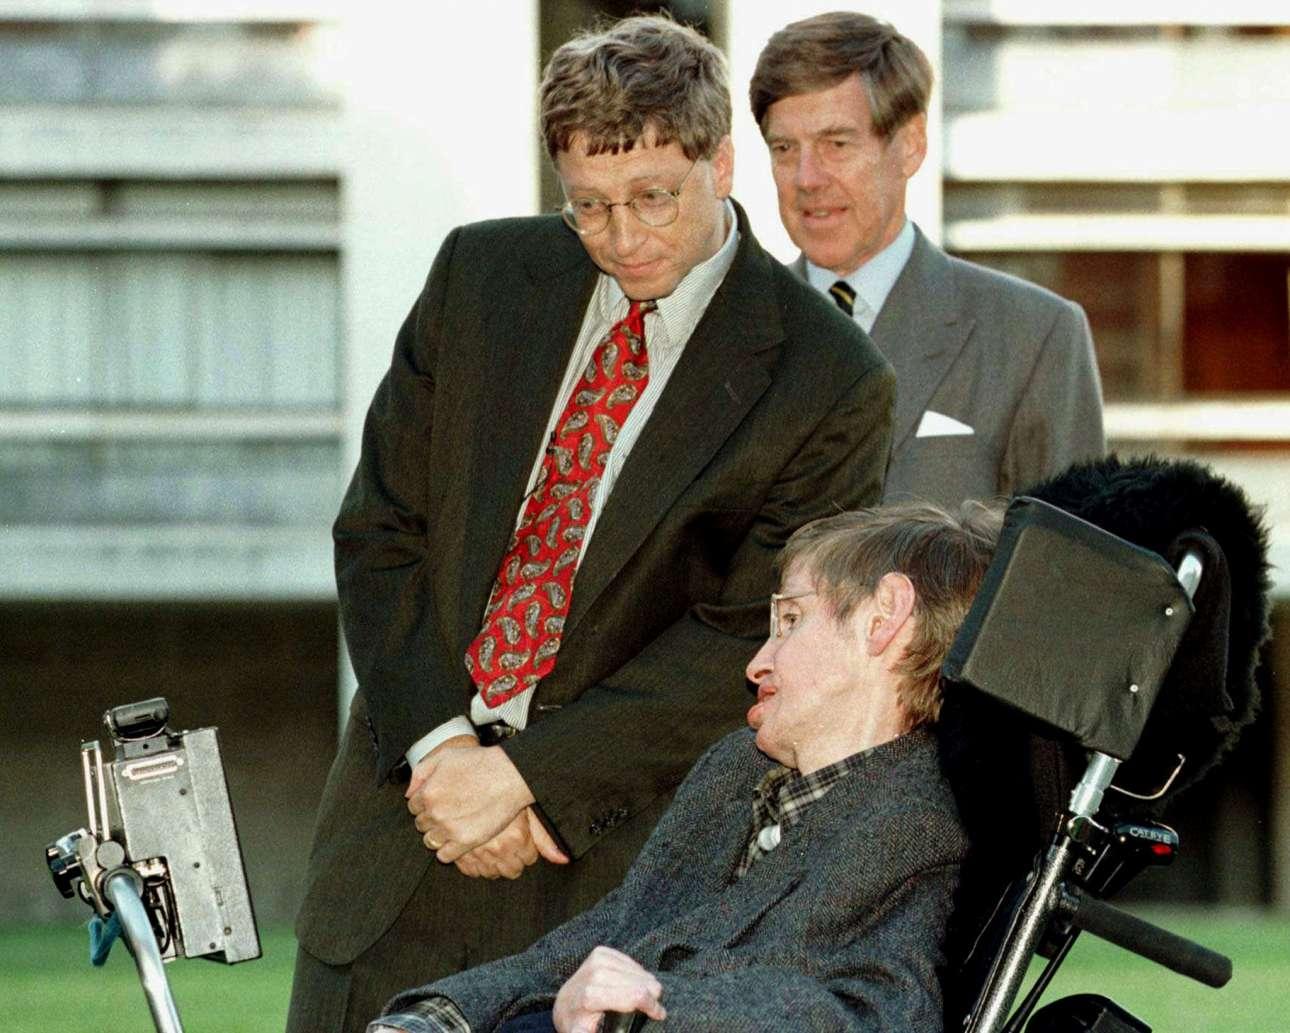 Ο πρόεδρος της Microsoft Μπιλ Γκέιτς, συνοδευόμενος από τον αναπληρωτή πρύτανη και καθηγητή Αλεκ Μπράουερς, συναντά τον σπουδαίο φυσικό το 1997, στο Πανεπιστήμιο Κέιμπριτζ